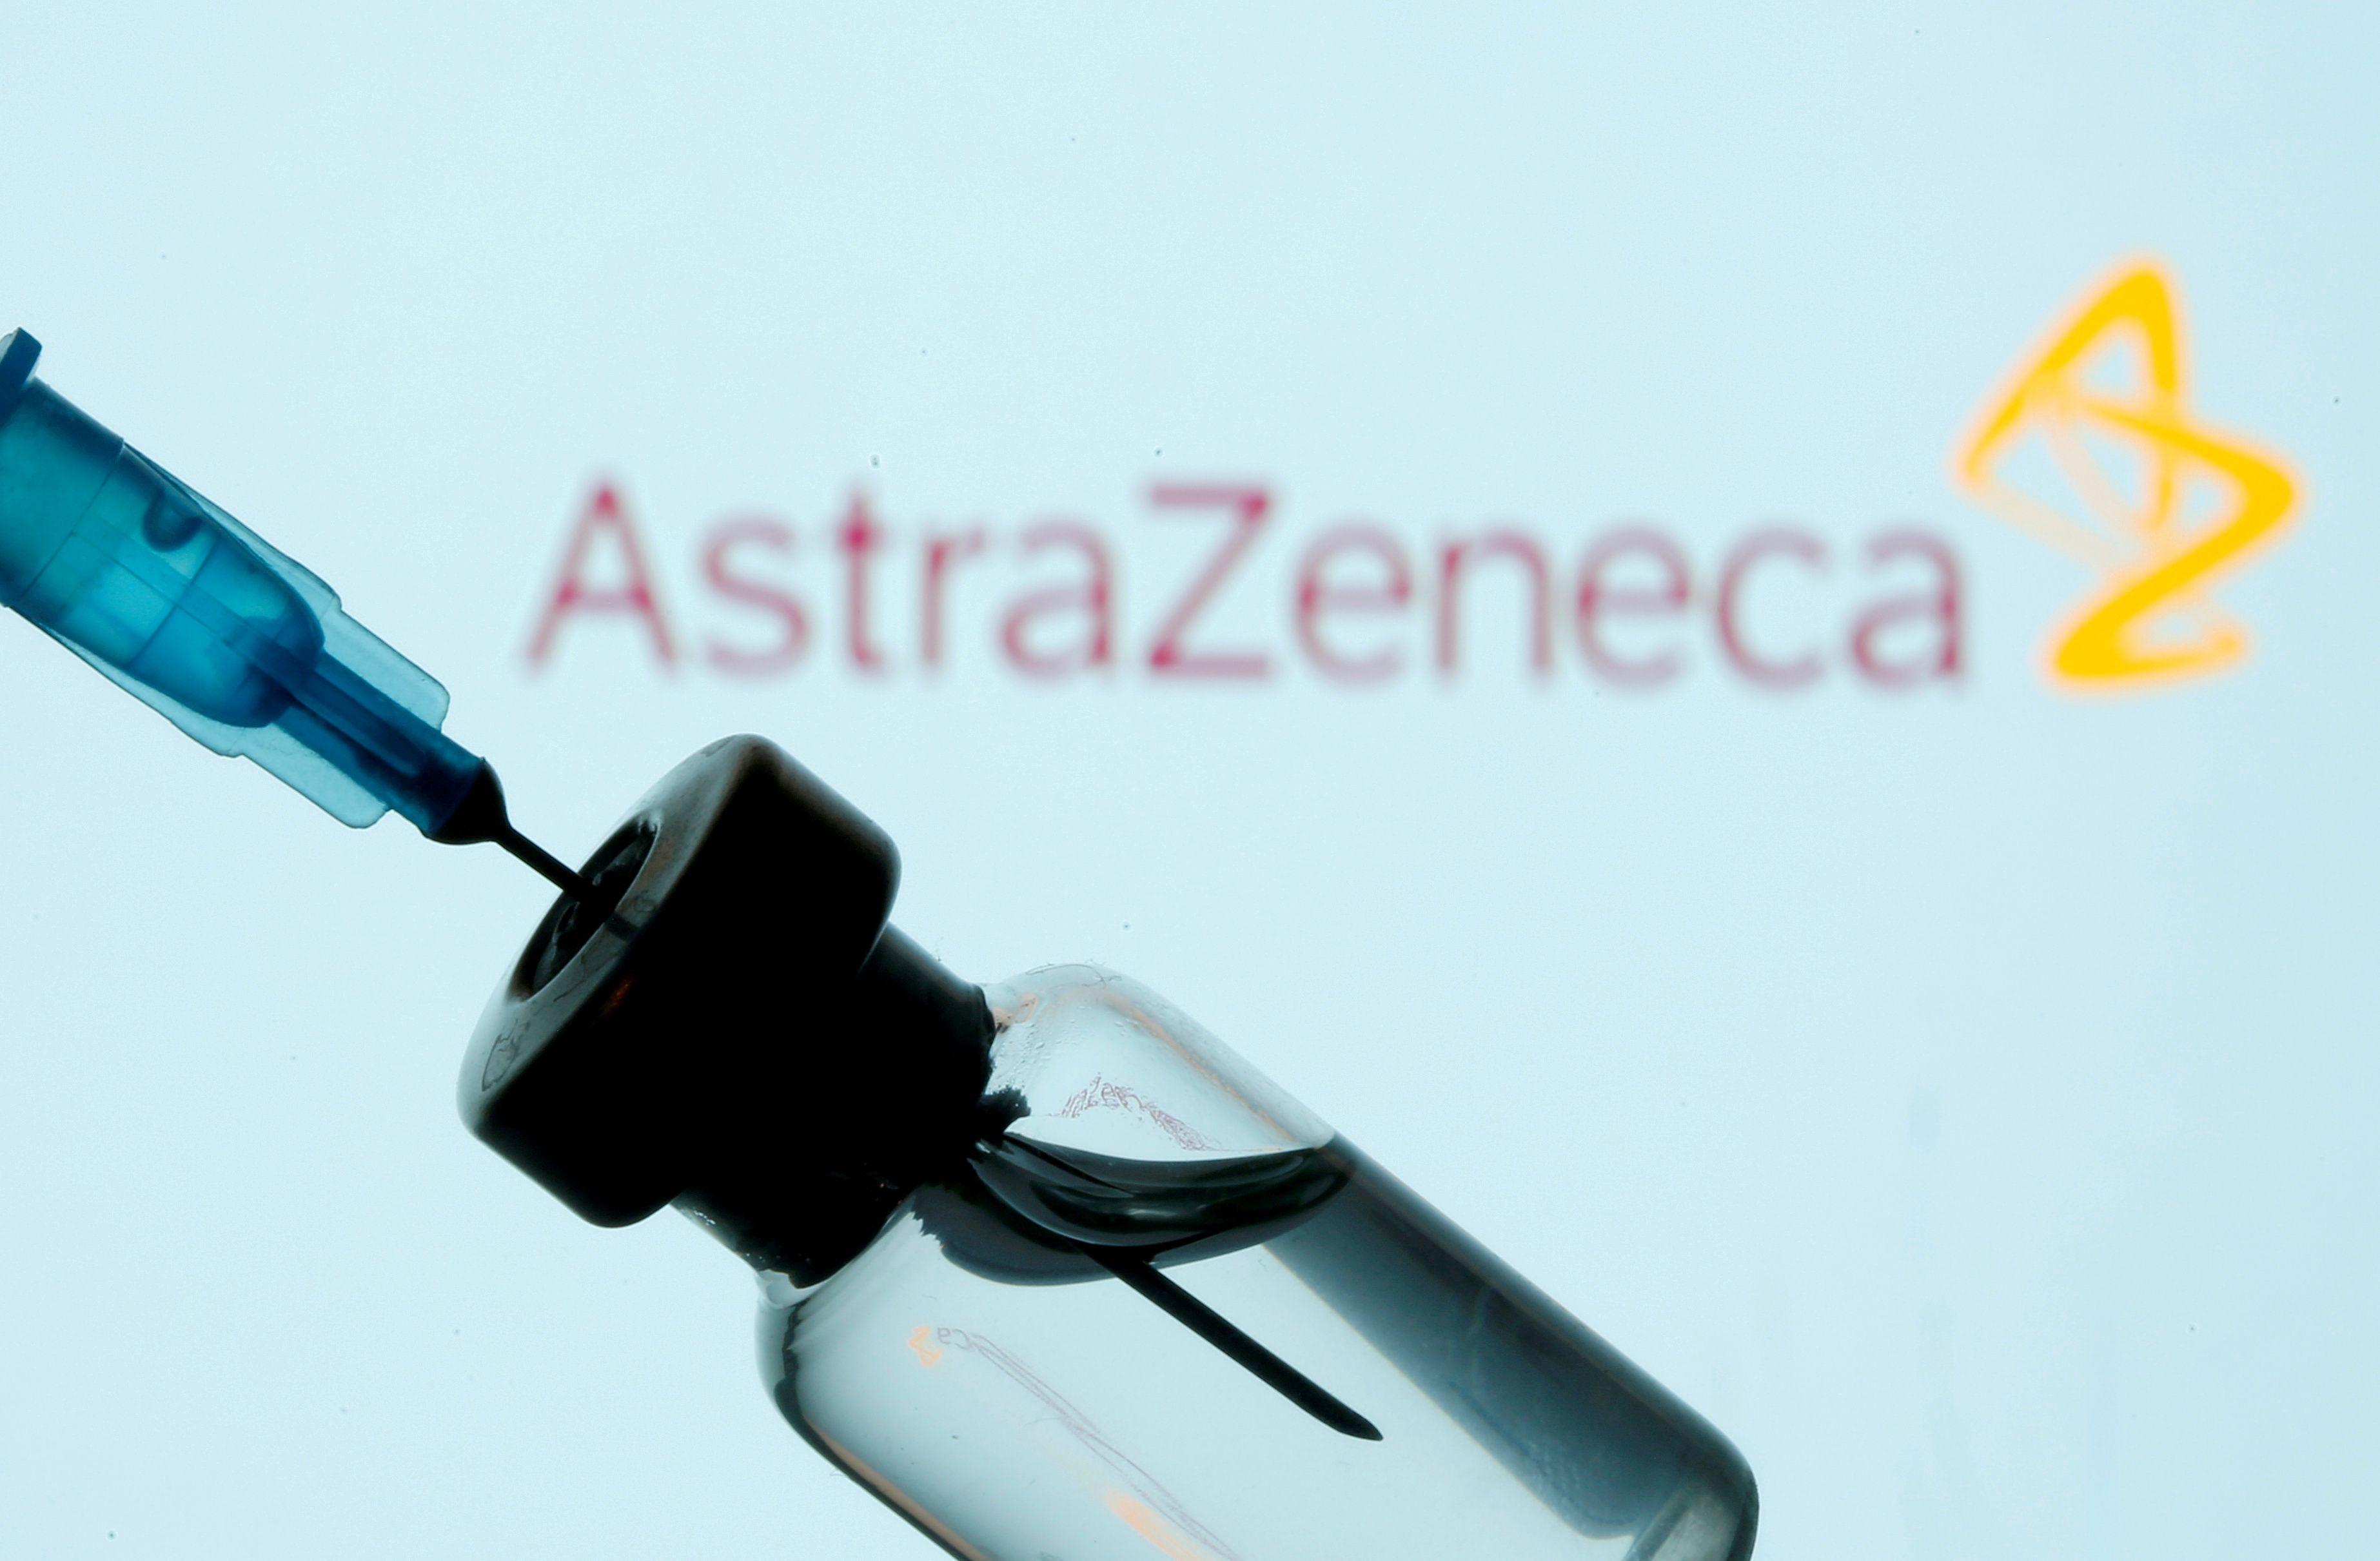 La vacuna de AstraZeneca demostró una eficacia del 76% con primera dosis y un 82% ante la segunda a los 3 meses (Reuters)